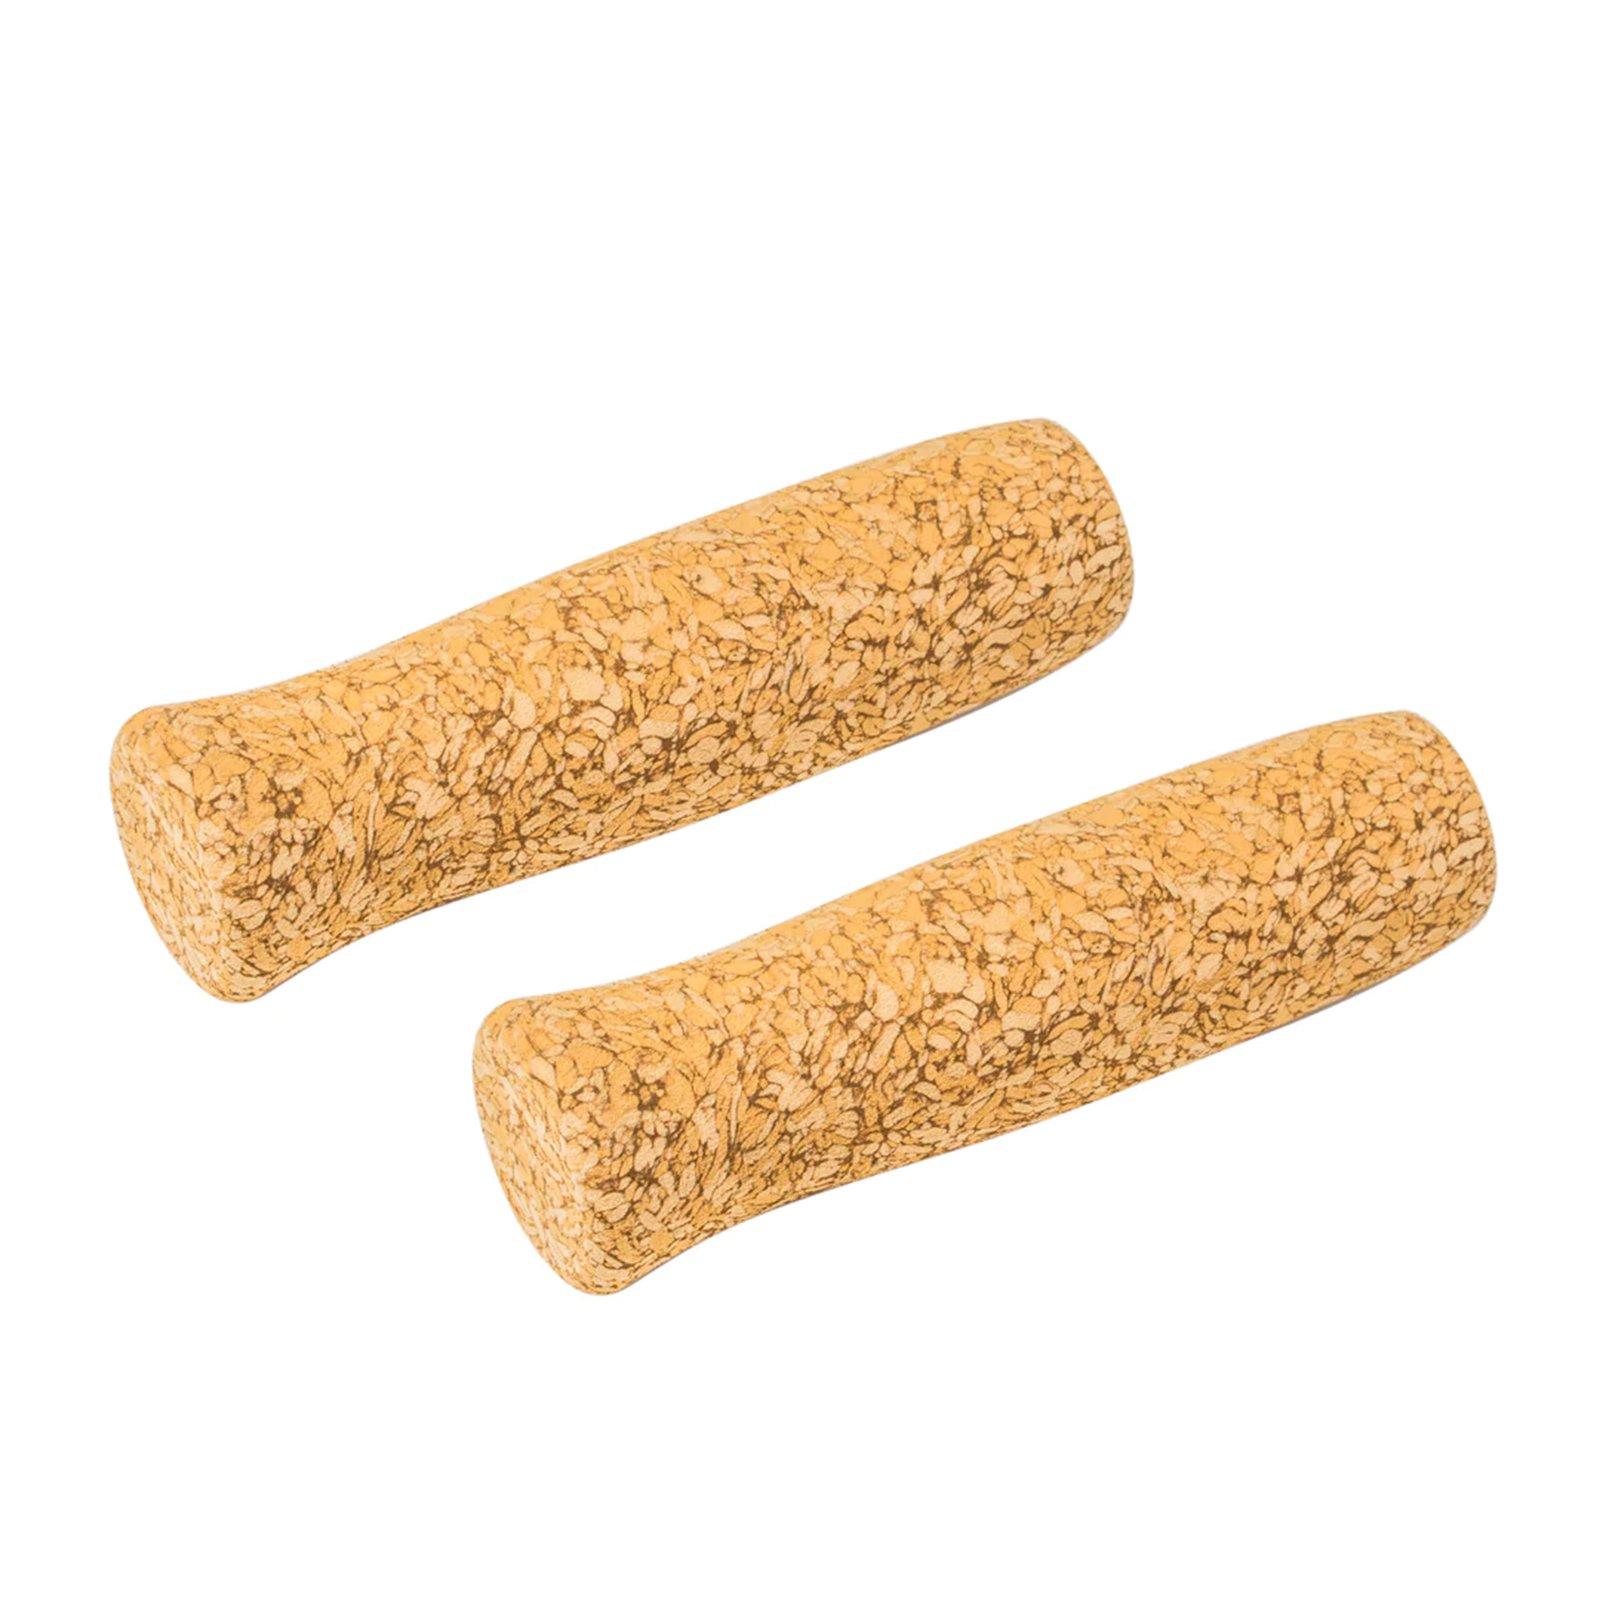 Velo Orange Natural Cork Handlebar Grips